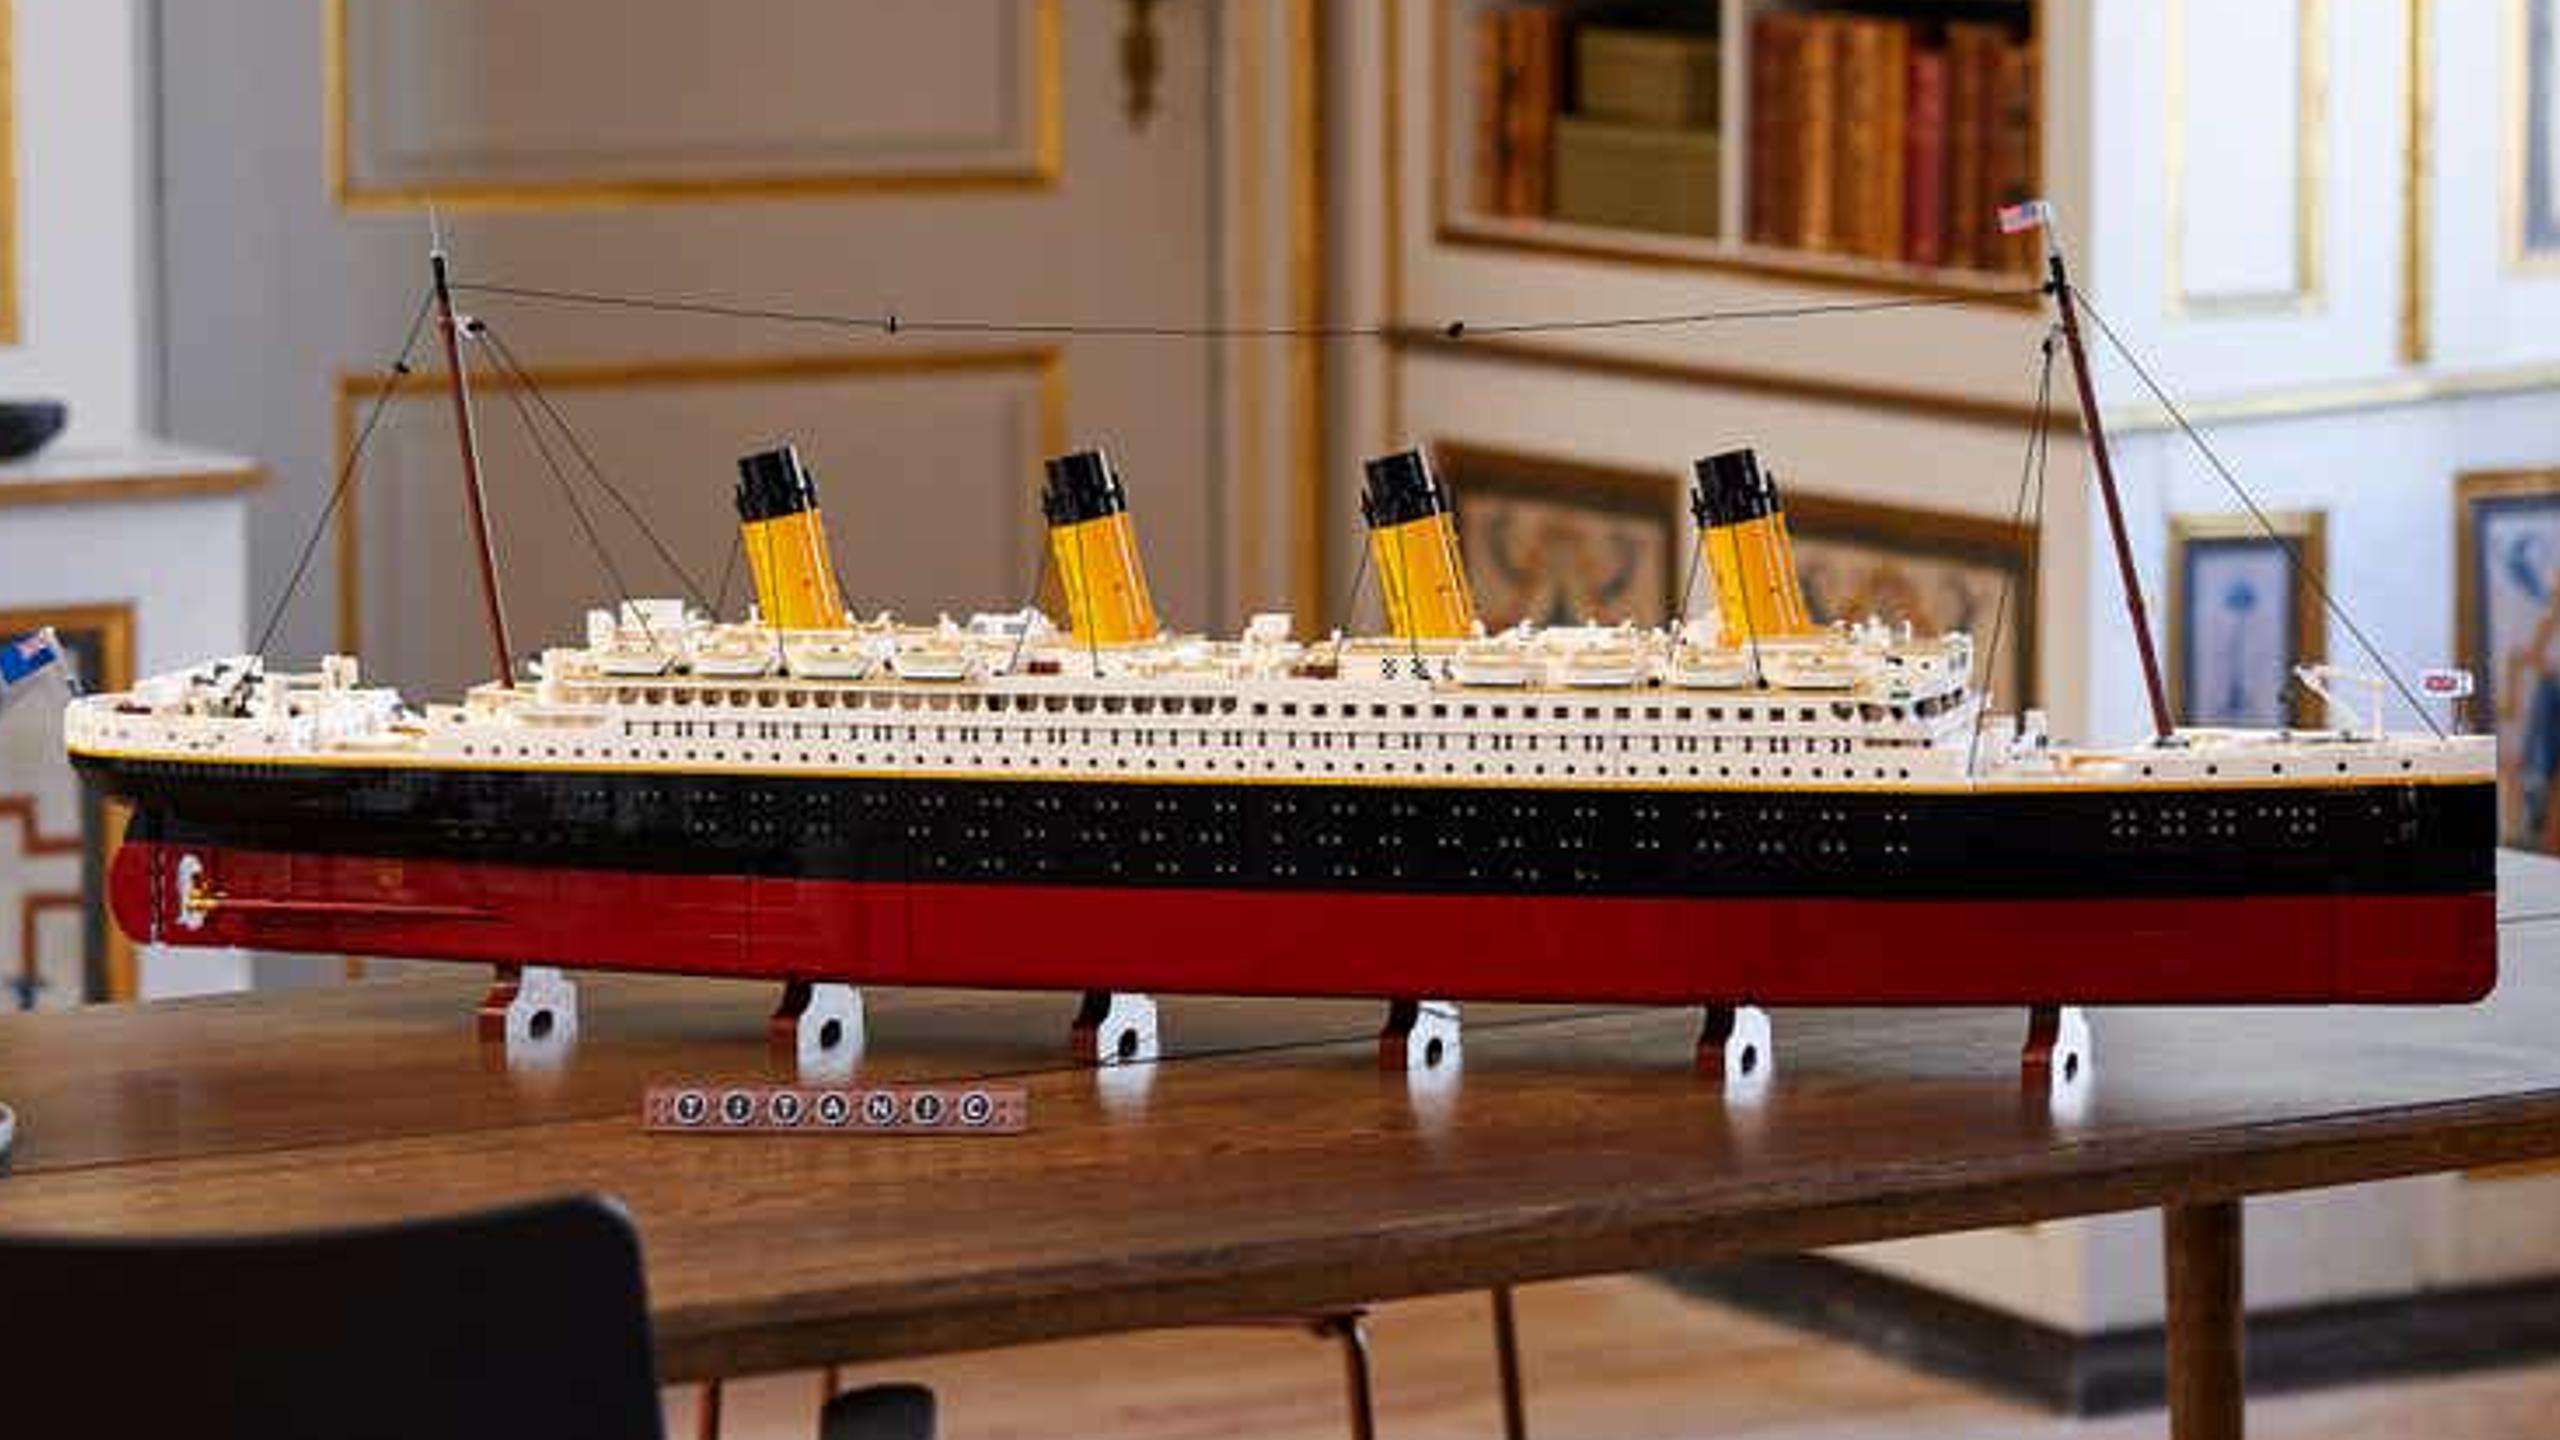 Lego Titanic Set